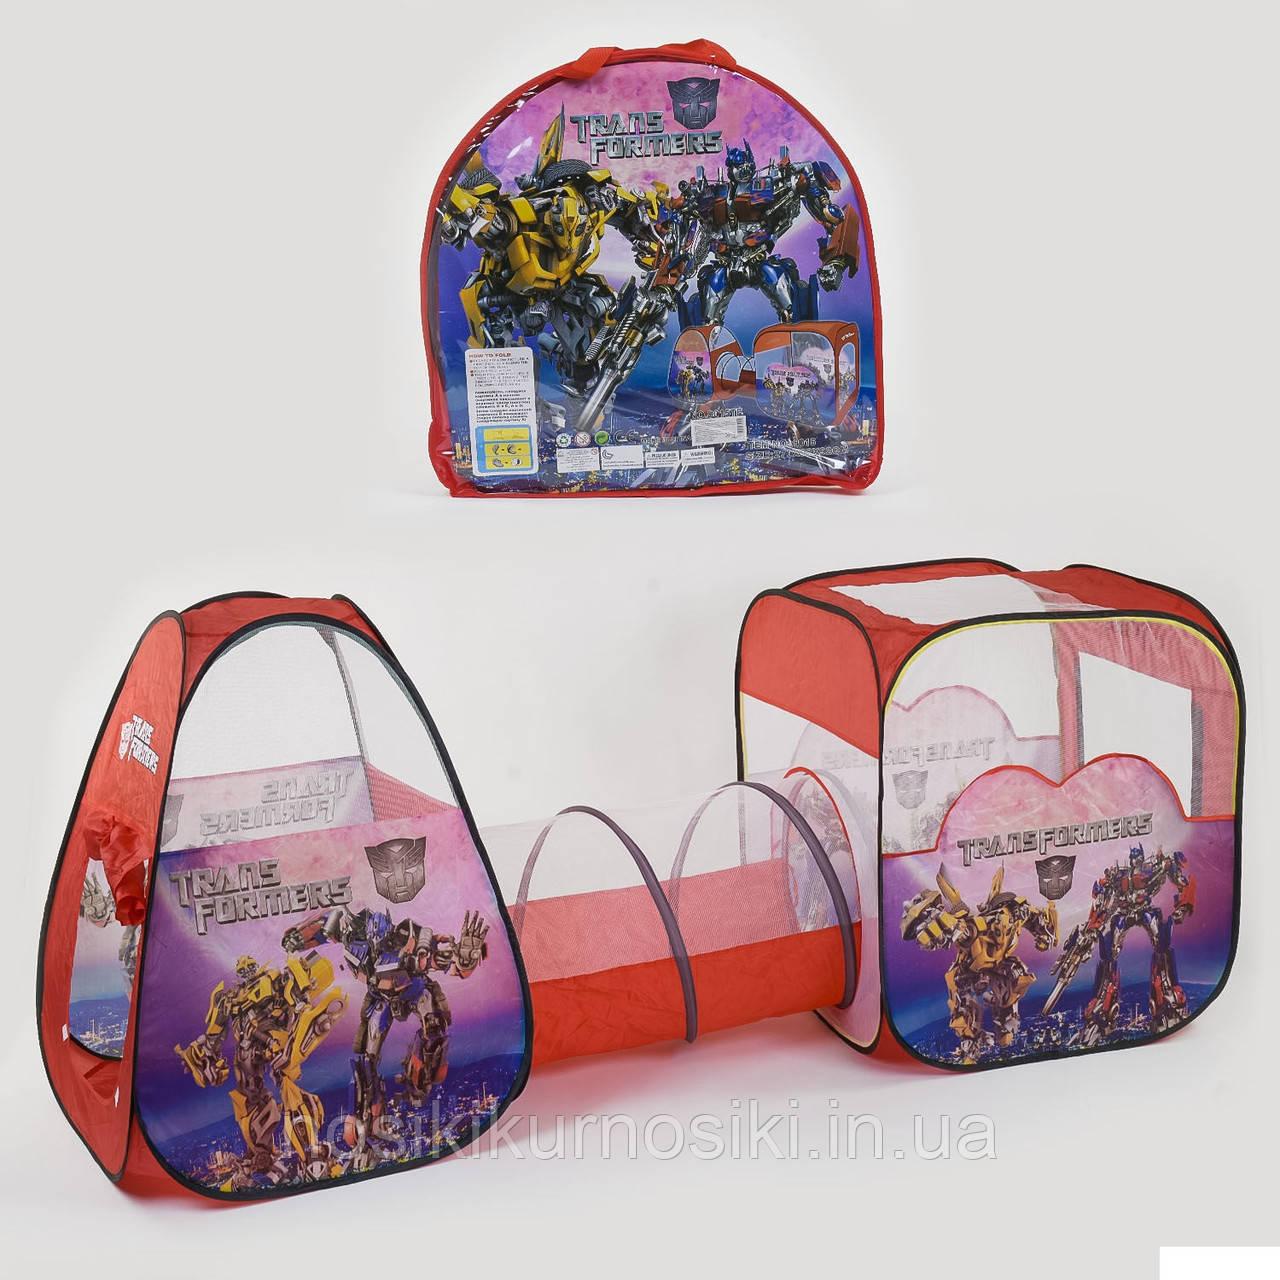 Палатка детская игровая с тоннелем 8015 Трансформеры, размер 270-92-92 см, в сумке